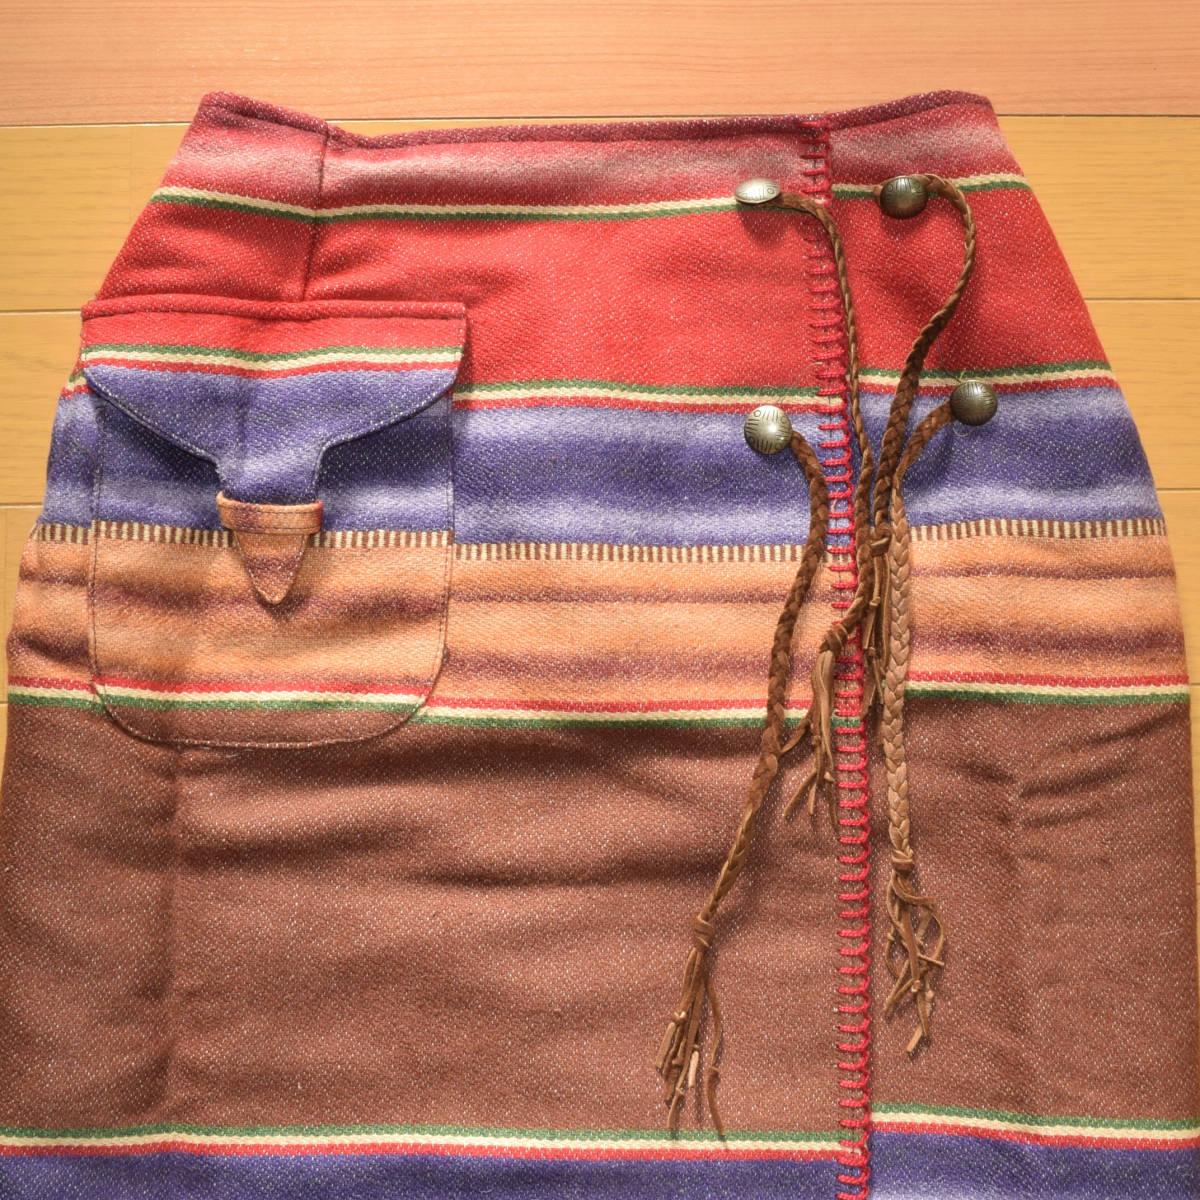 美品!USA製 ポロカントリー ネイティブ柄 ブランケット S ラグ ロング 巻きスカート コンチョ付 古着 ナバホ インディアン ビンテージ_画像2